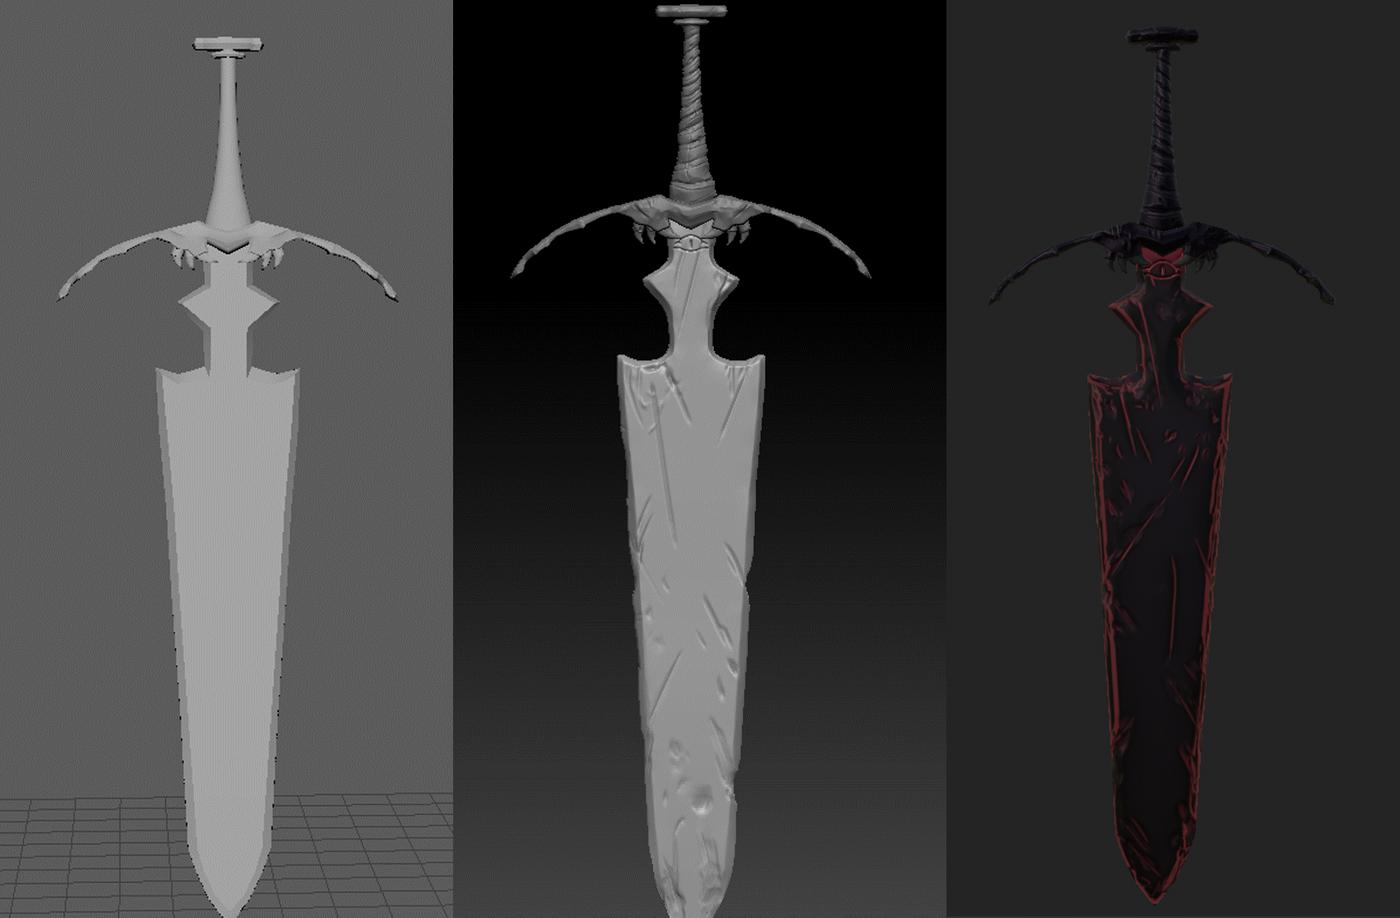 Swords Aonee